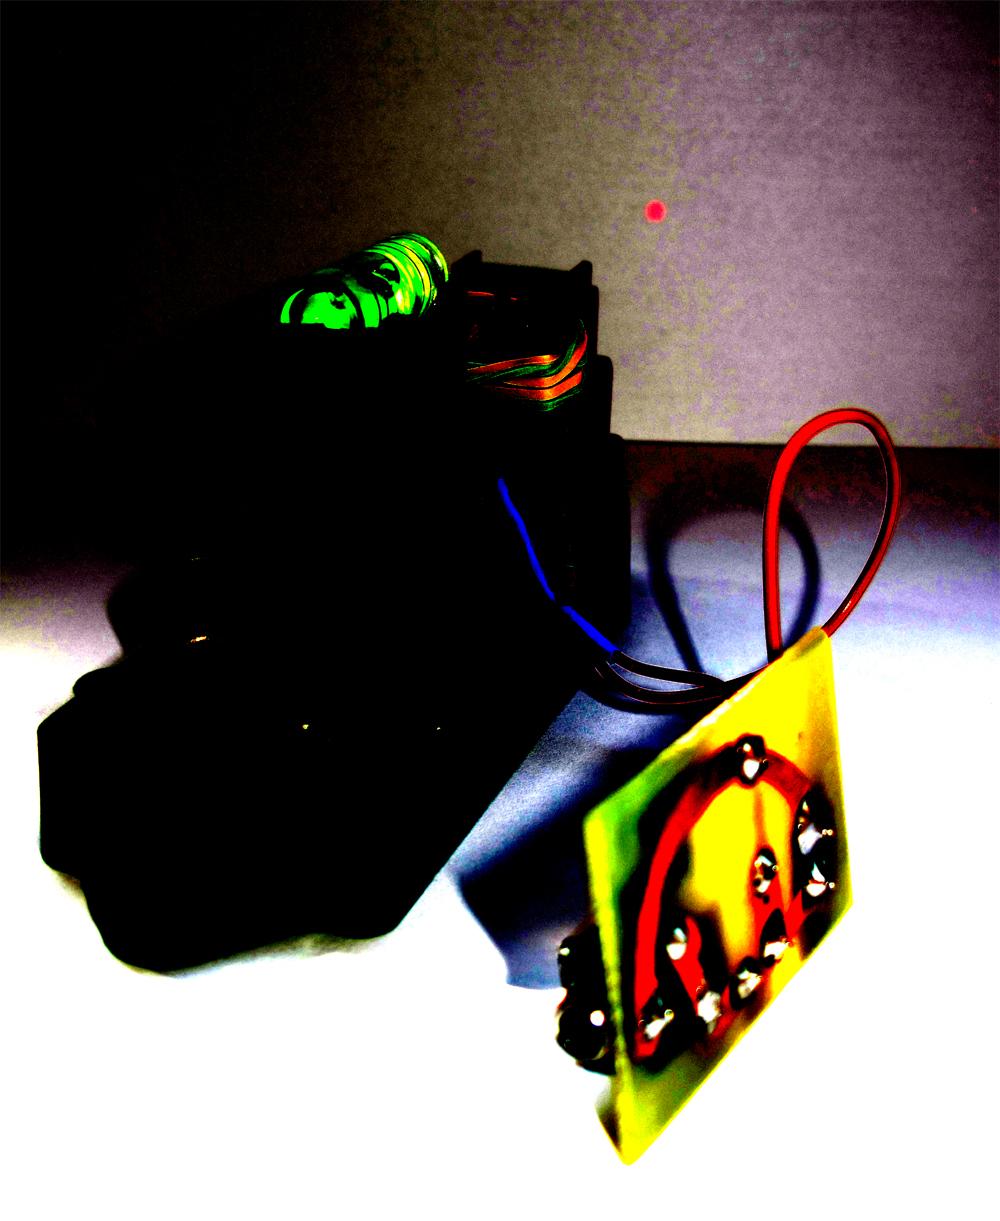 Zirkuito erraz honekin, audio seinale bat (8 ohm) laser izpi baten bidez bidali daiteke. Laser izpia diodo-aplifikagailu baten bidez jaso, eta entzun ahal izango dugu. Zirkuitoaren eskema ikusteko, klikatu AUDIOLASERPDF